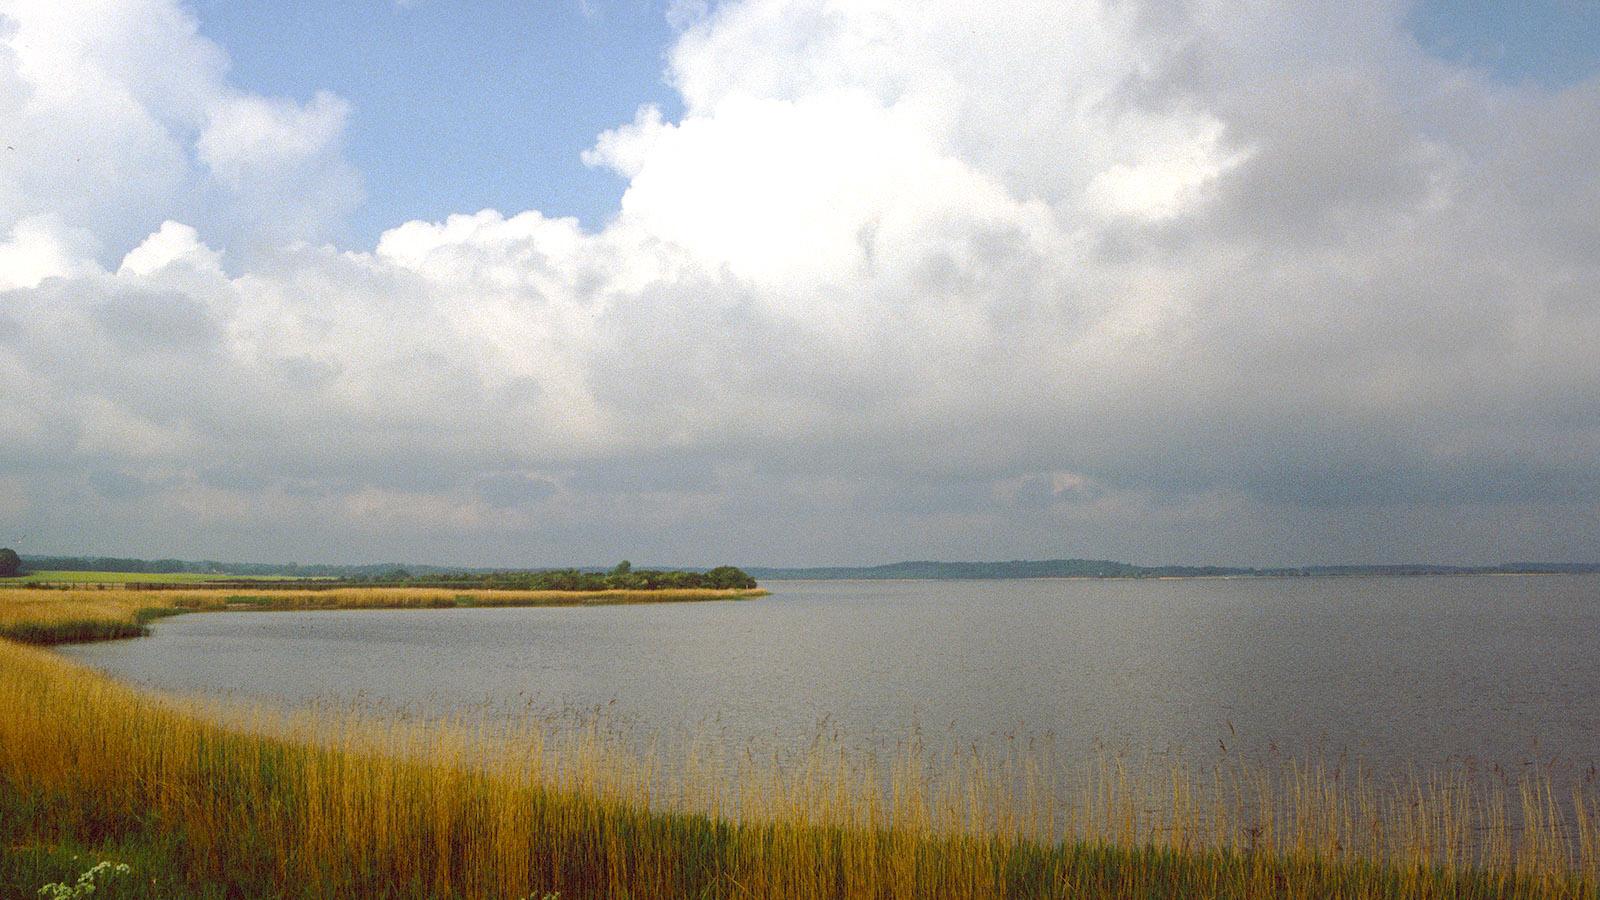 Der Dassower See. Hier beginnt, von Lübeck kommend, der Klützer Winkel. Foto: Hilke Maunde